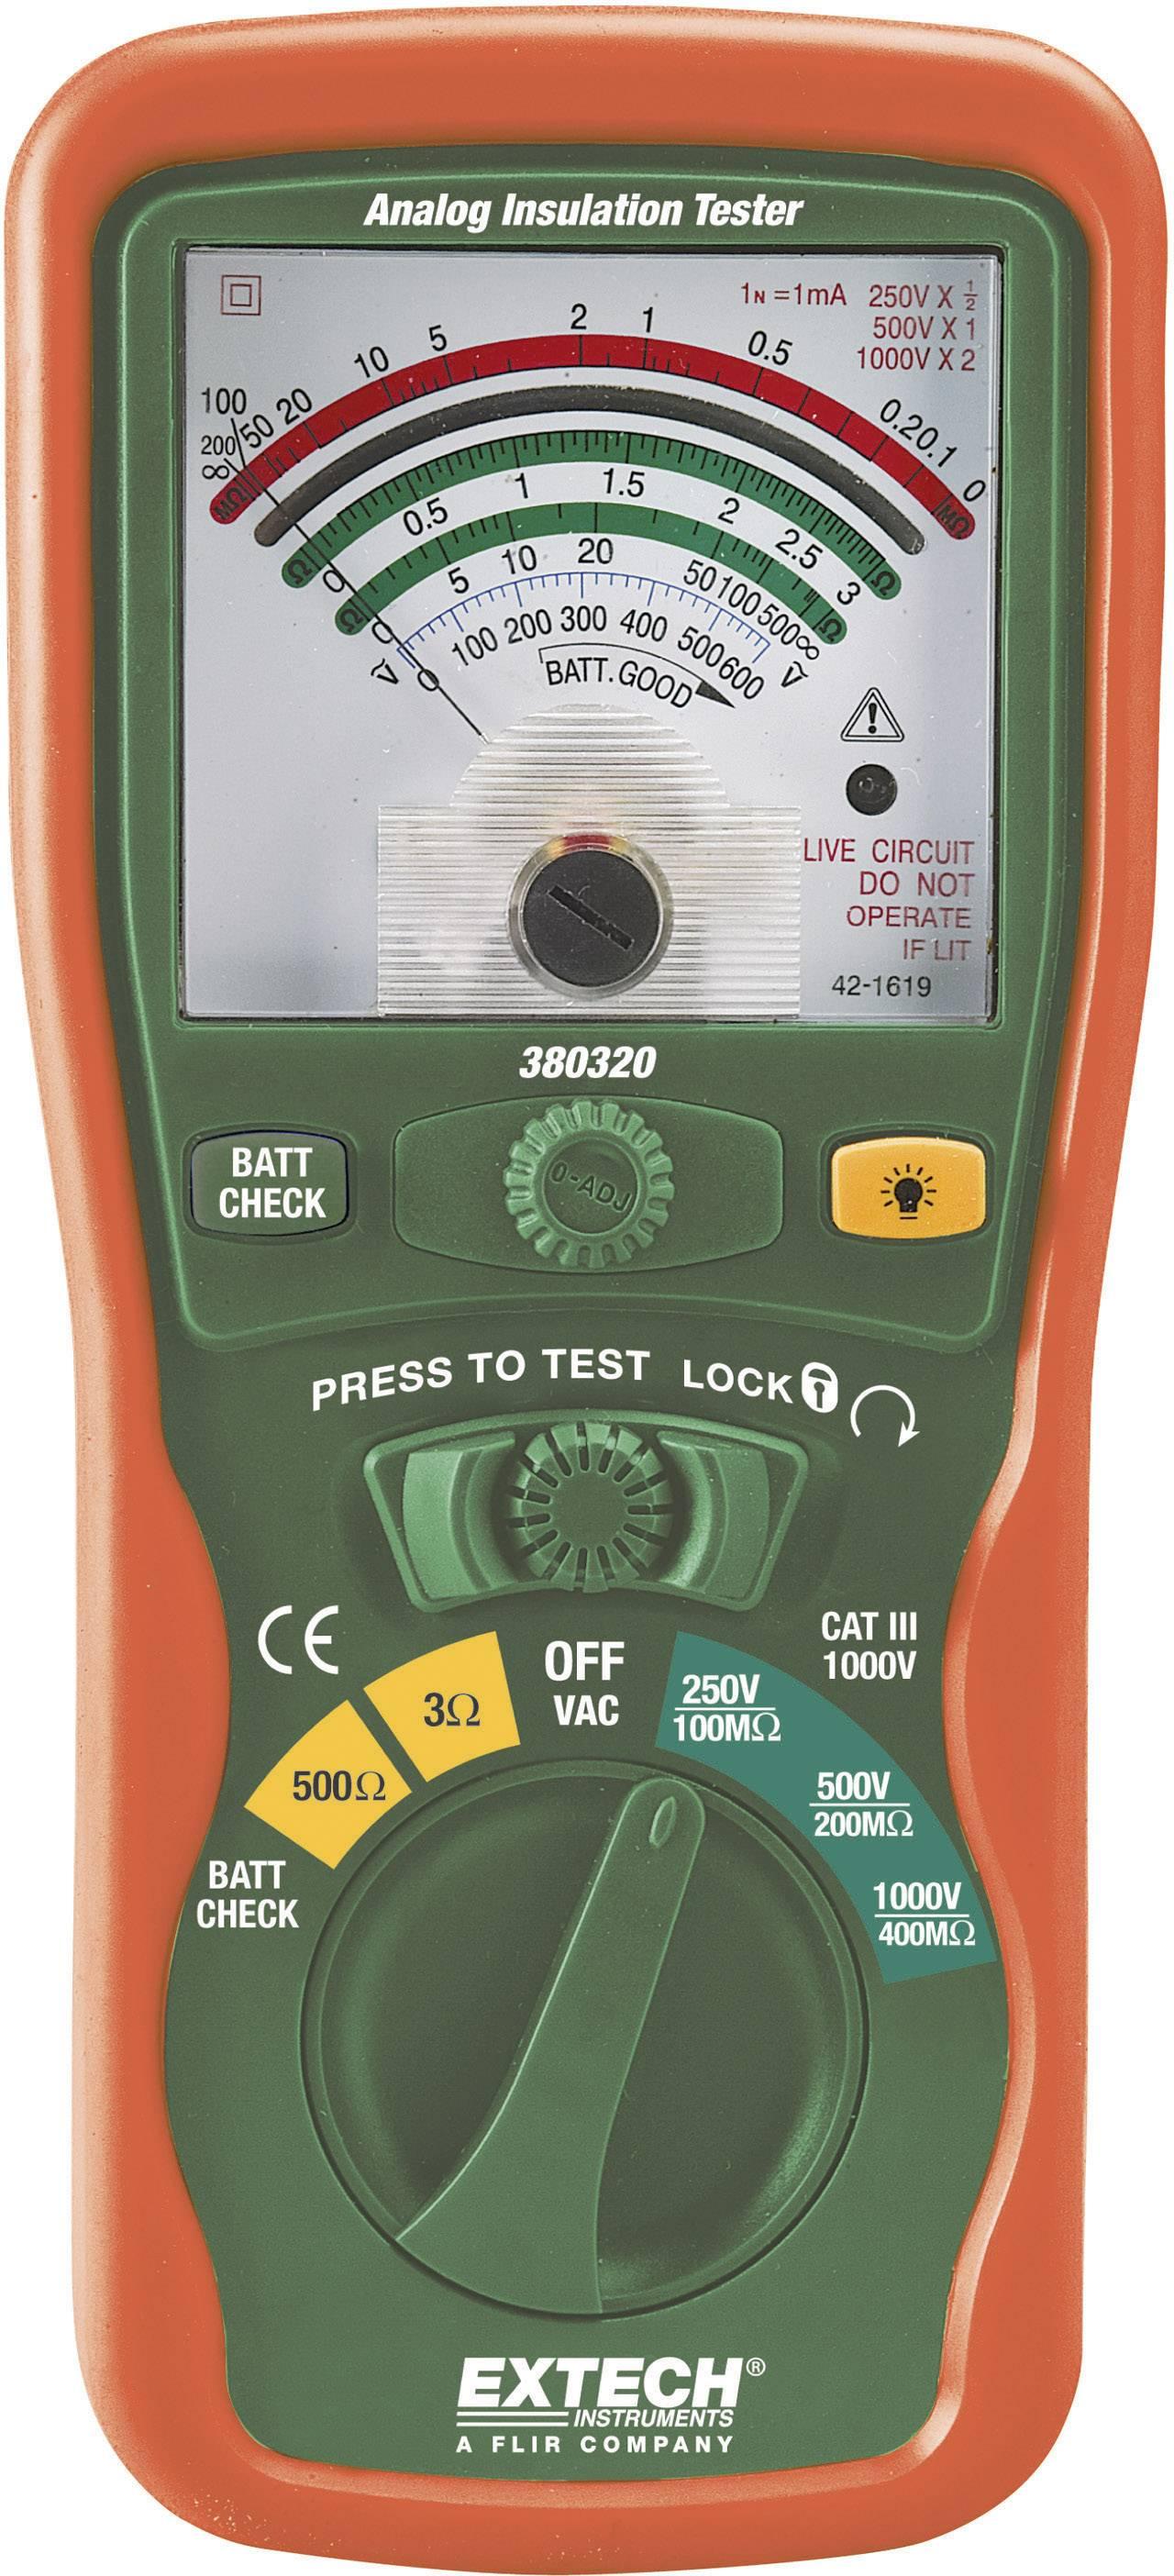 Tester izolací Extech 380320, 1000/250/500 V, 0 - 400 MΩ, CAT III 1000 V, Kalibrováno dle ISO